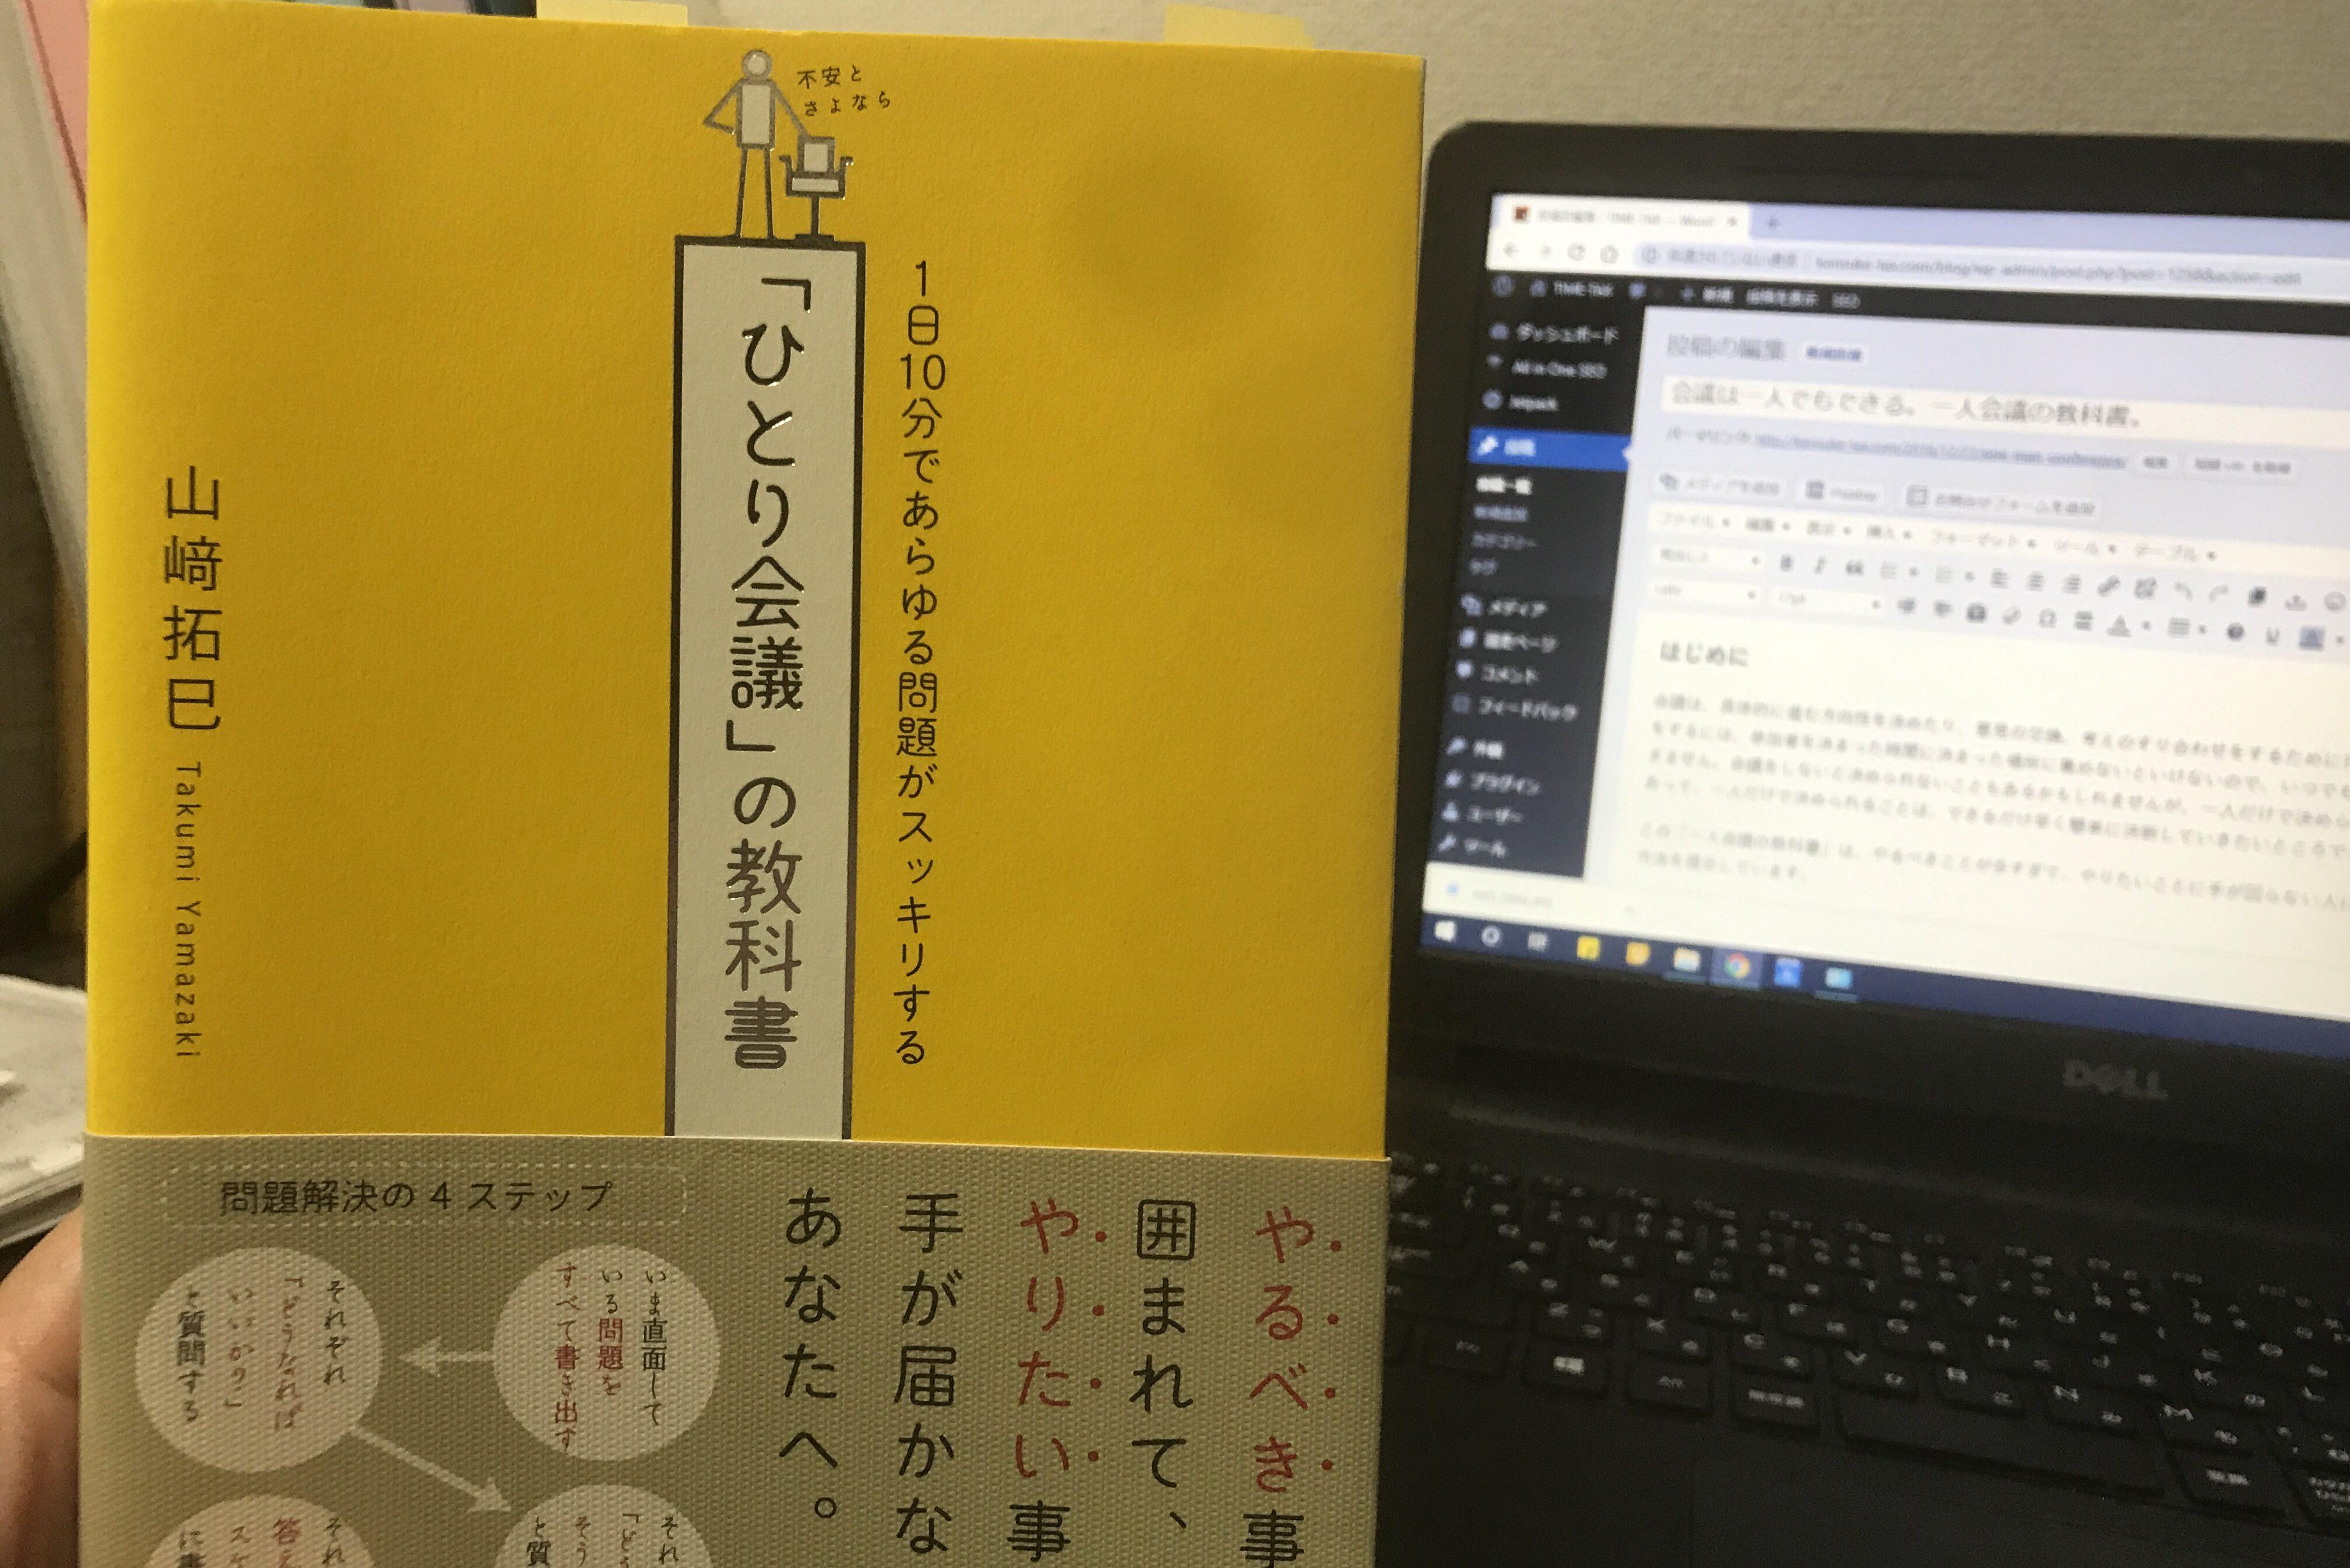 会議は一人でもできる。一人会議の教科書。